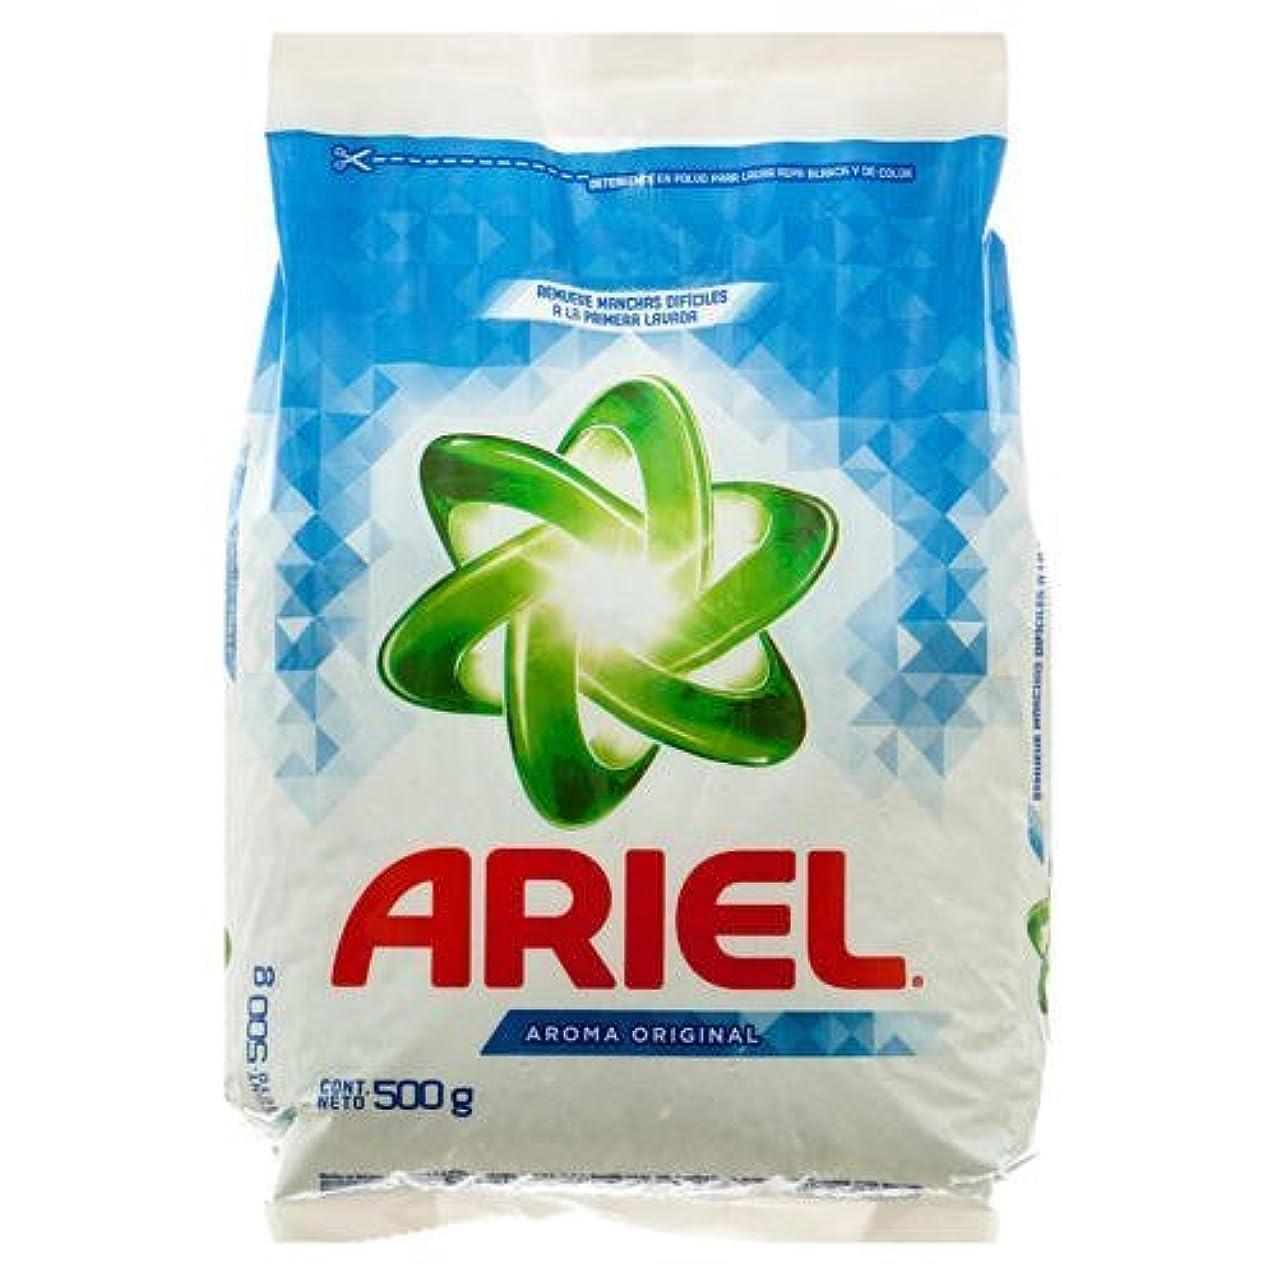 ピクニックをする有名な錫アリエルランドリーパウダー洗剤500 gアロマOriginal 3 - Pack